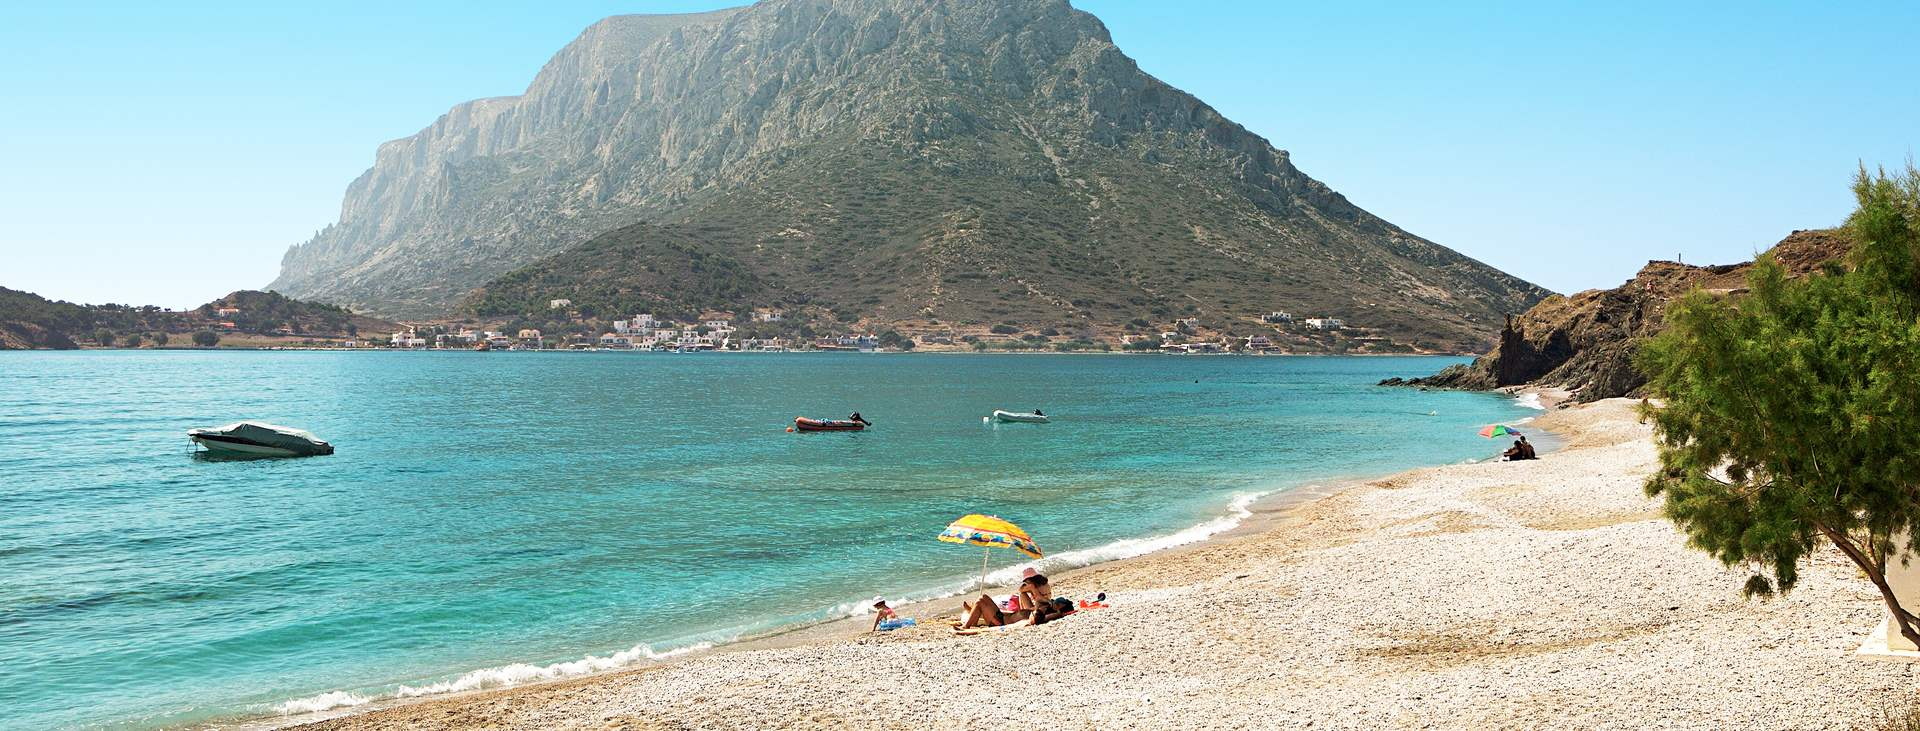 Varaa rentouttava loma Mirties & Massourissa, Kalymnoksella, Kreikassa